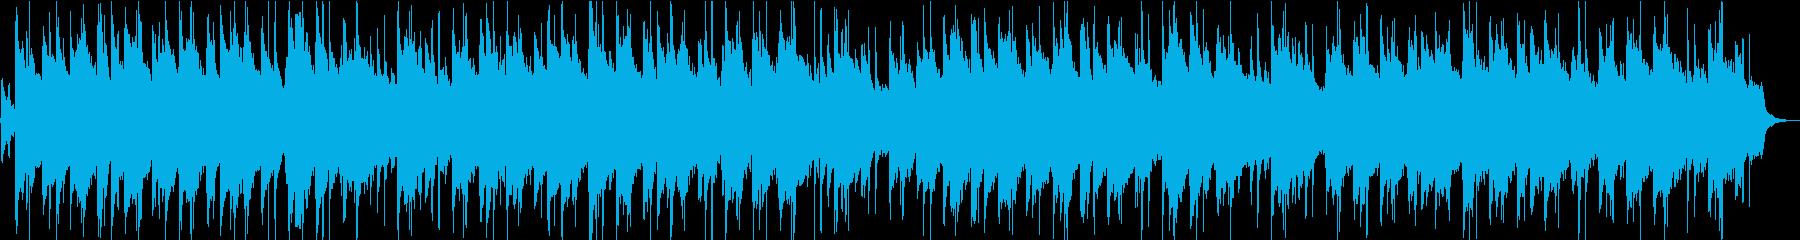 花火のLofi HipHop(和風)の再生済みの波形